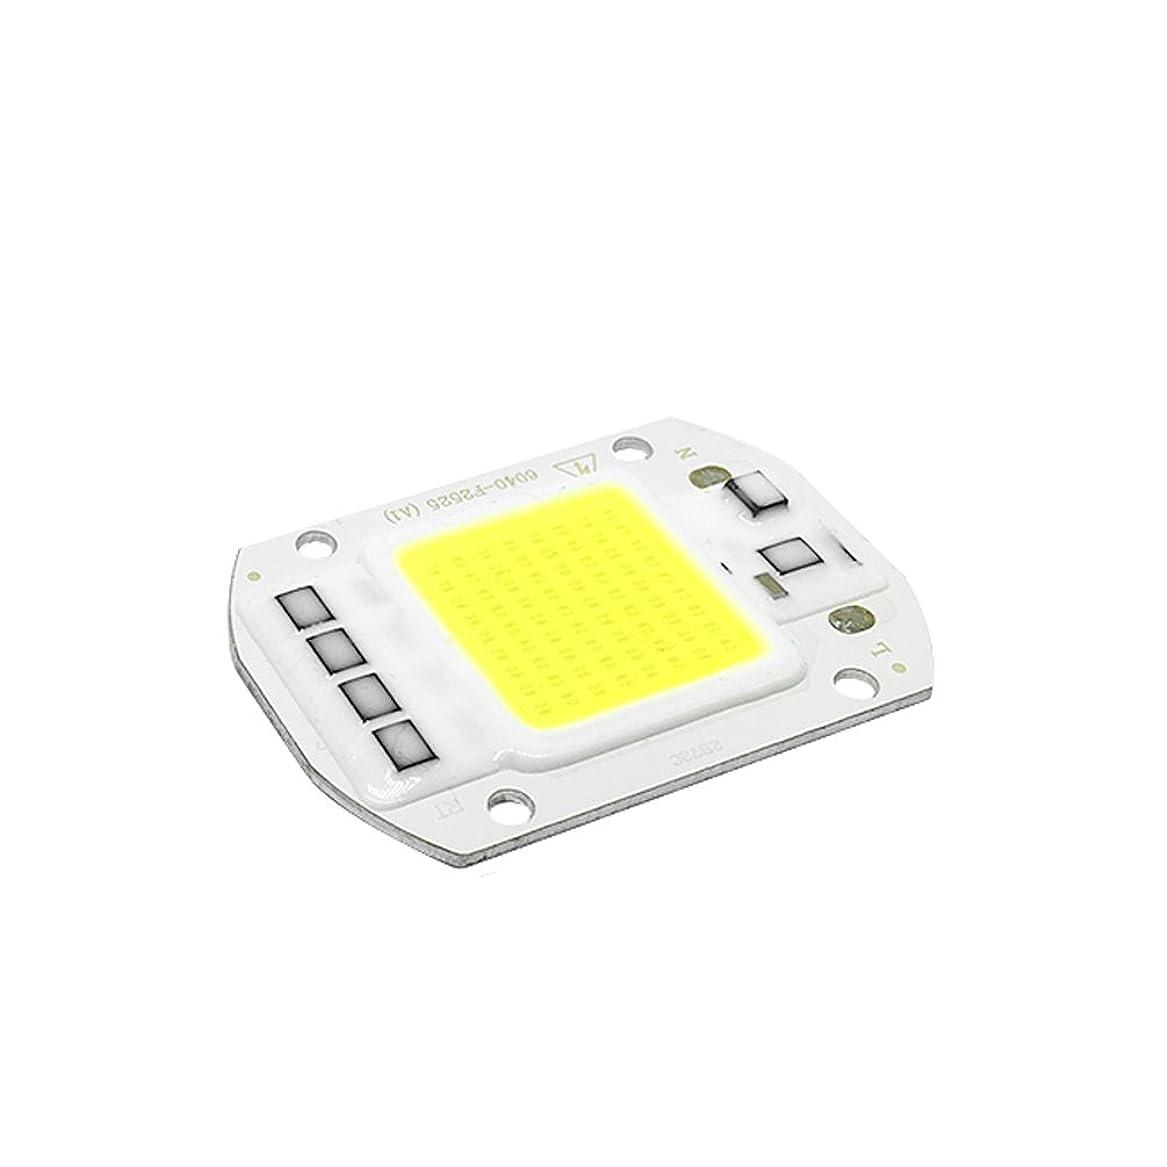 放課後作業ロープLEDGLE 50W LEDチップ バルブライトランプDIY スポットライト ハイパワー AC 110V 6500K 90LM/W 昼白色 1個セット